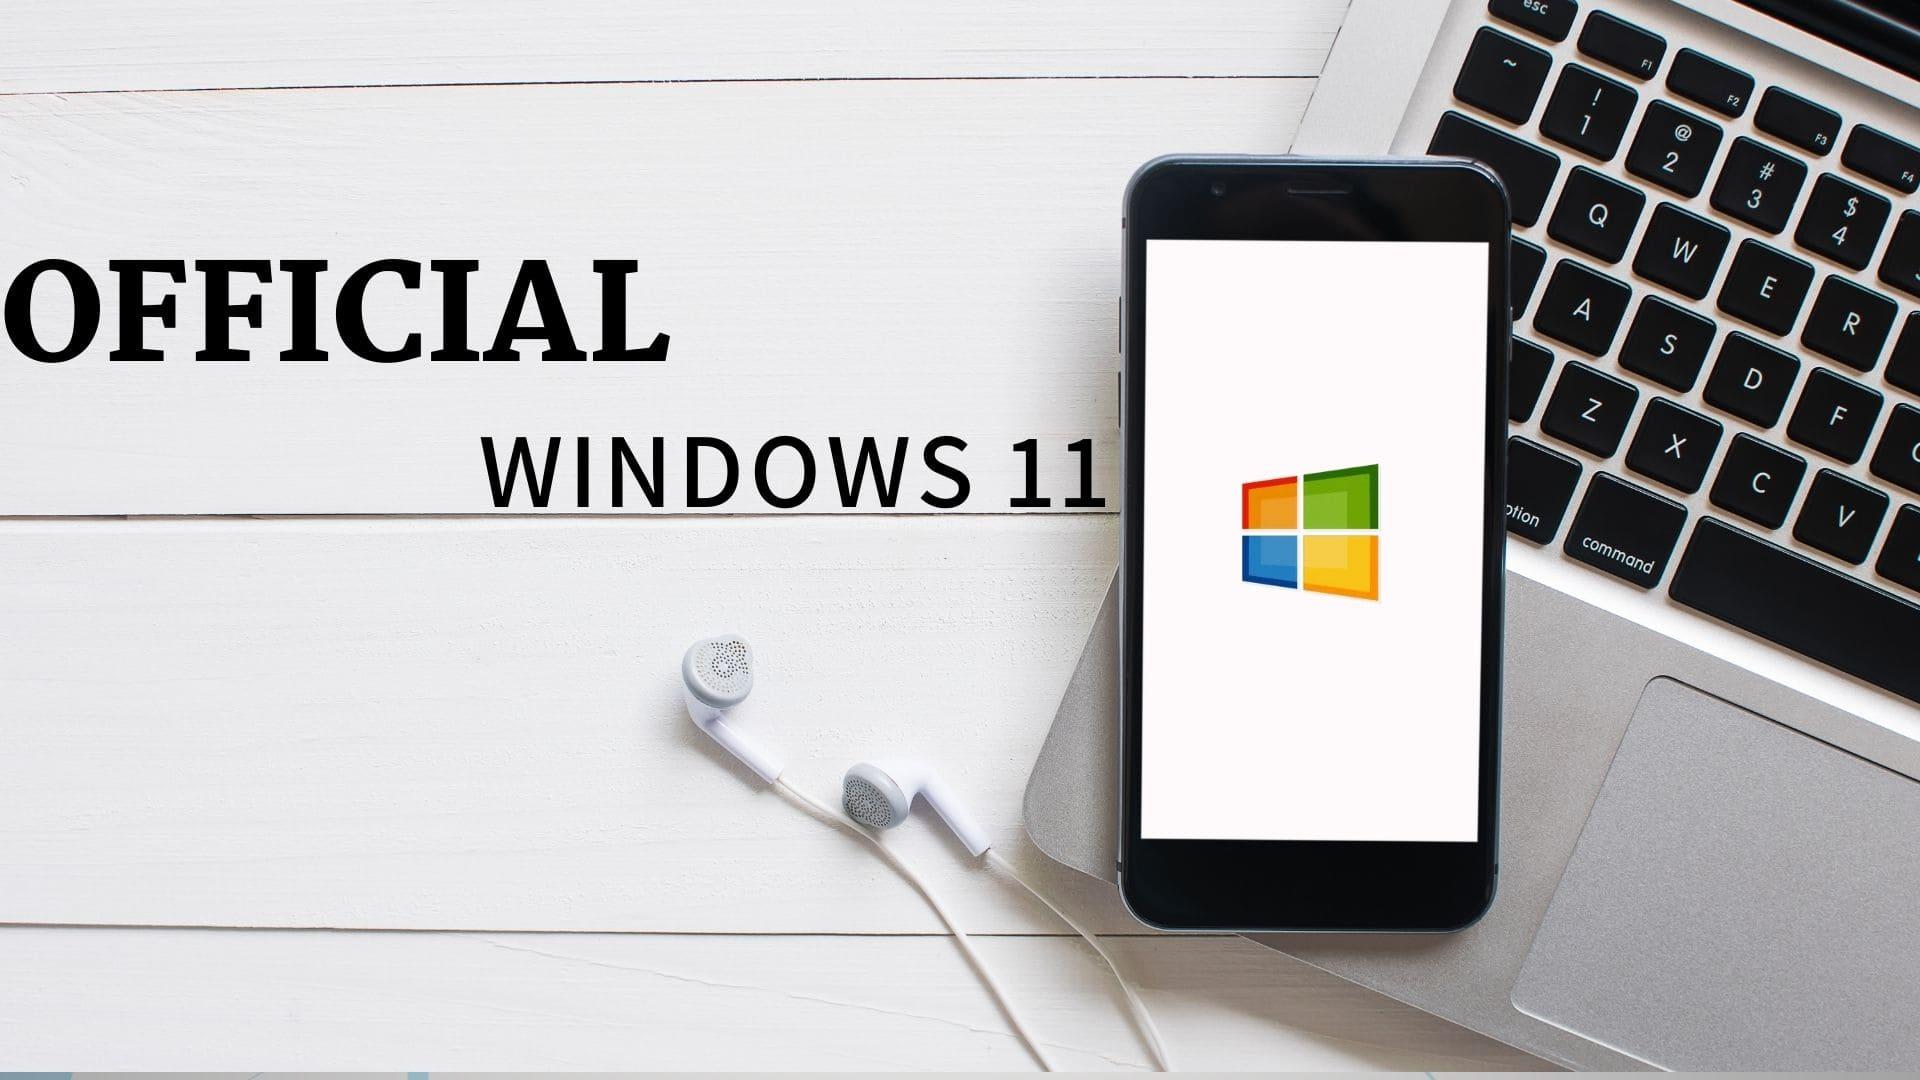 windows 11 release soon